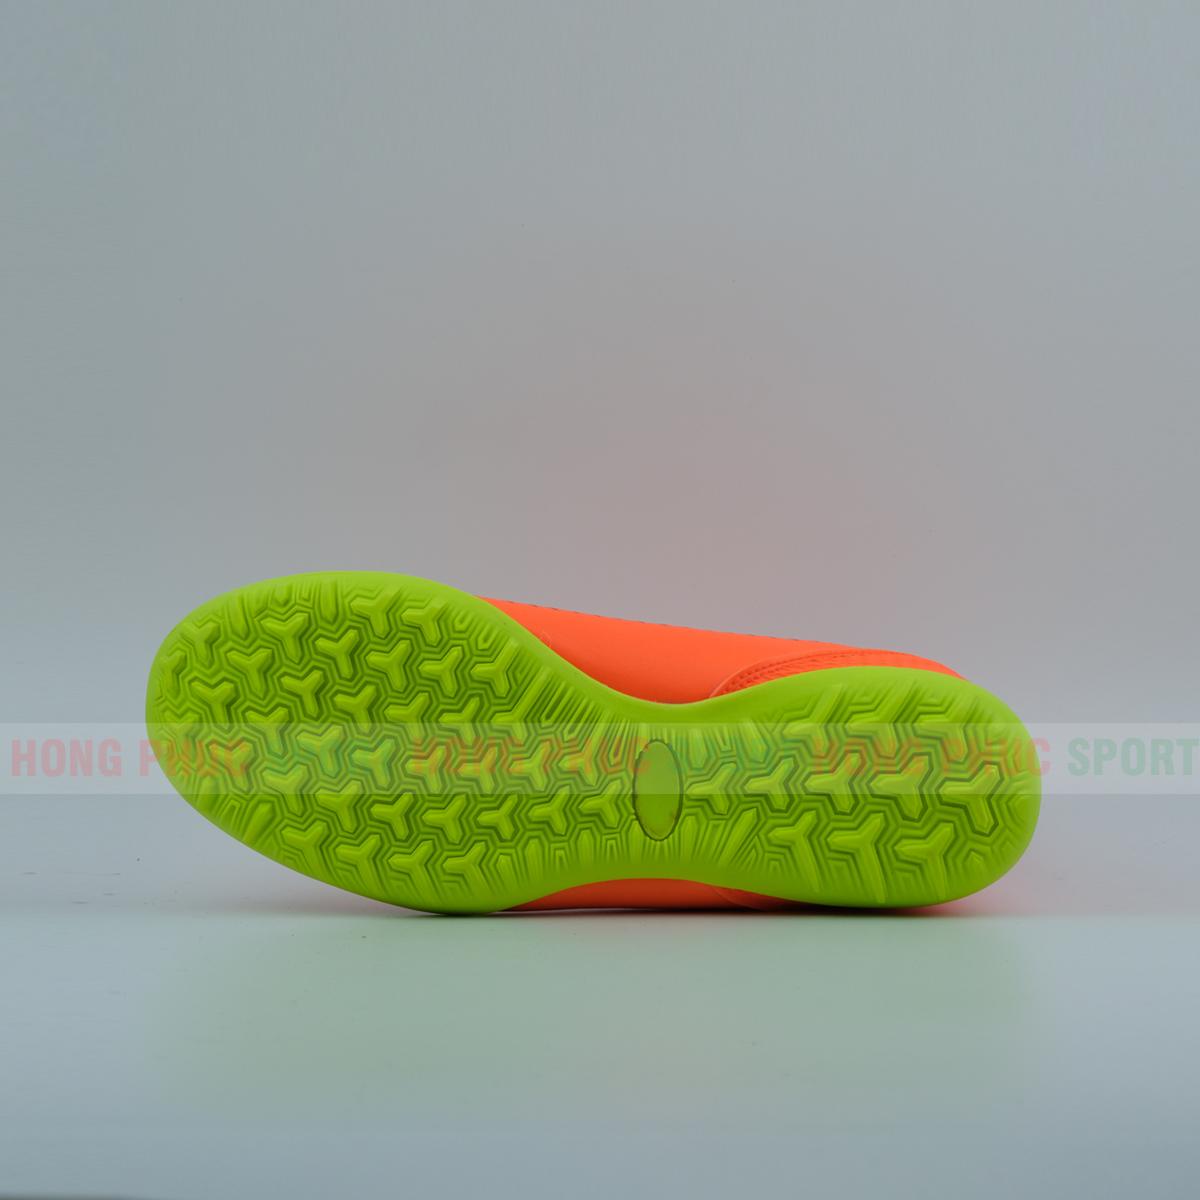 Giày đá banh cao cổ cao cấp sân cỏ nhân tạo Plus 2019 cam đế xanh